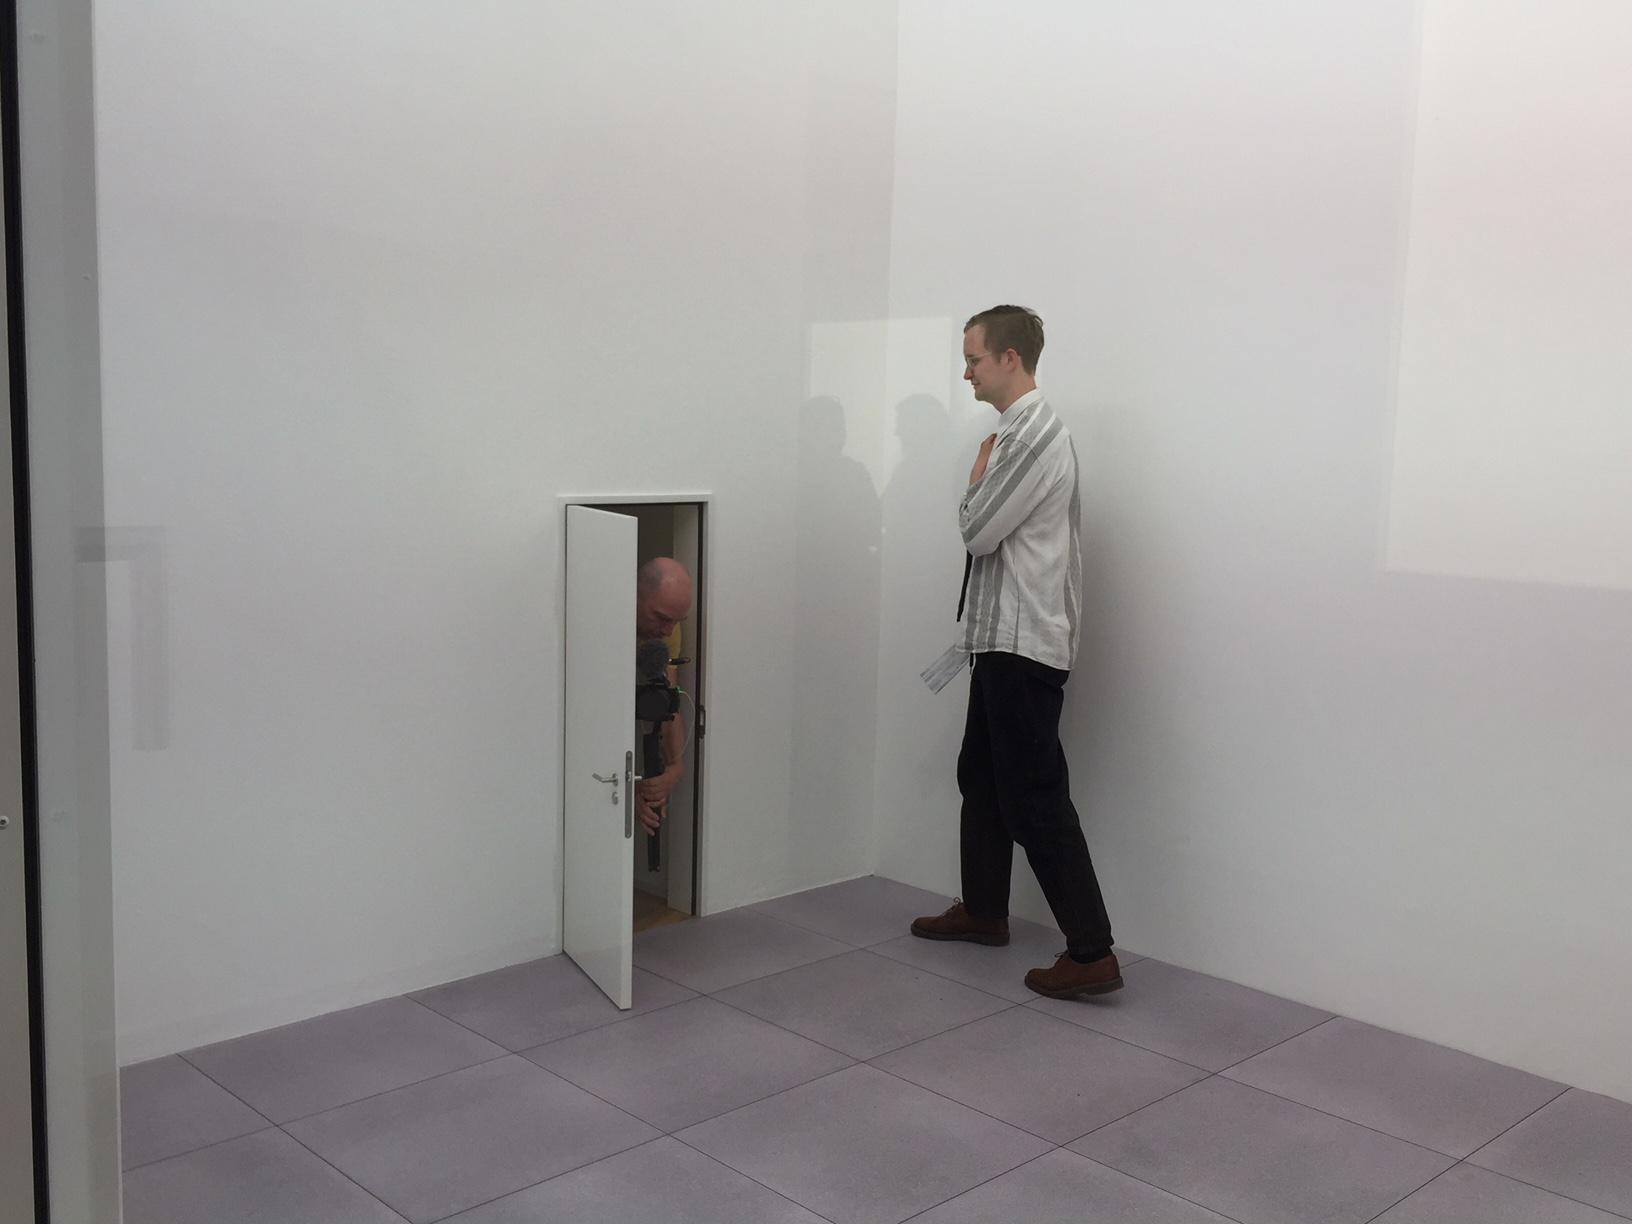 Allarme Coronavirus, la Biennale Architettura sposta l'opening al 29 agosto